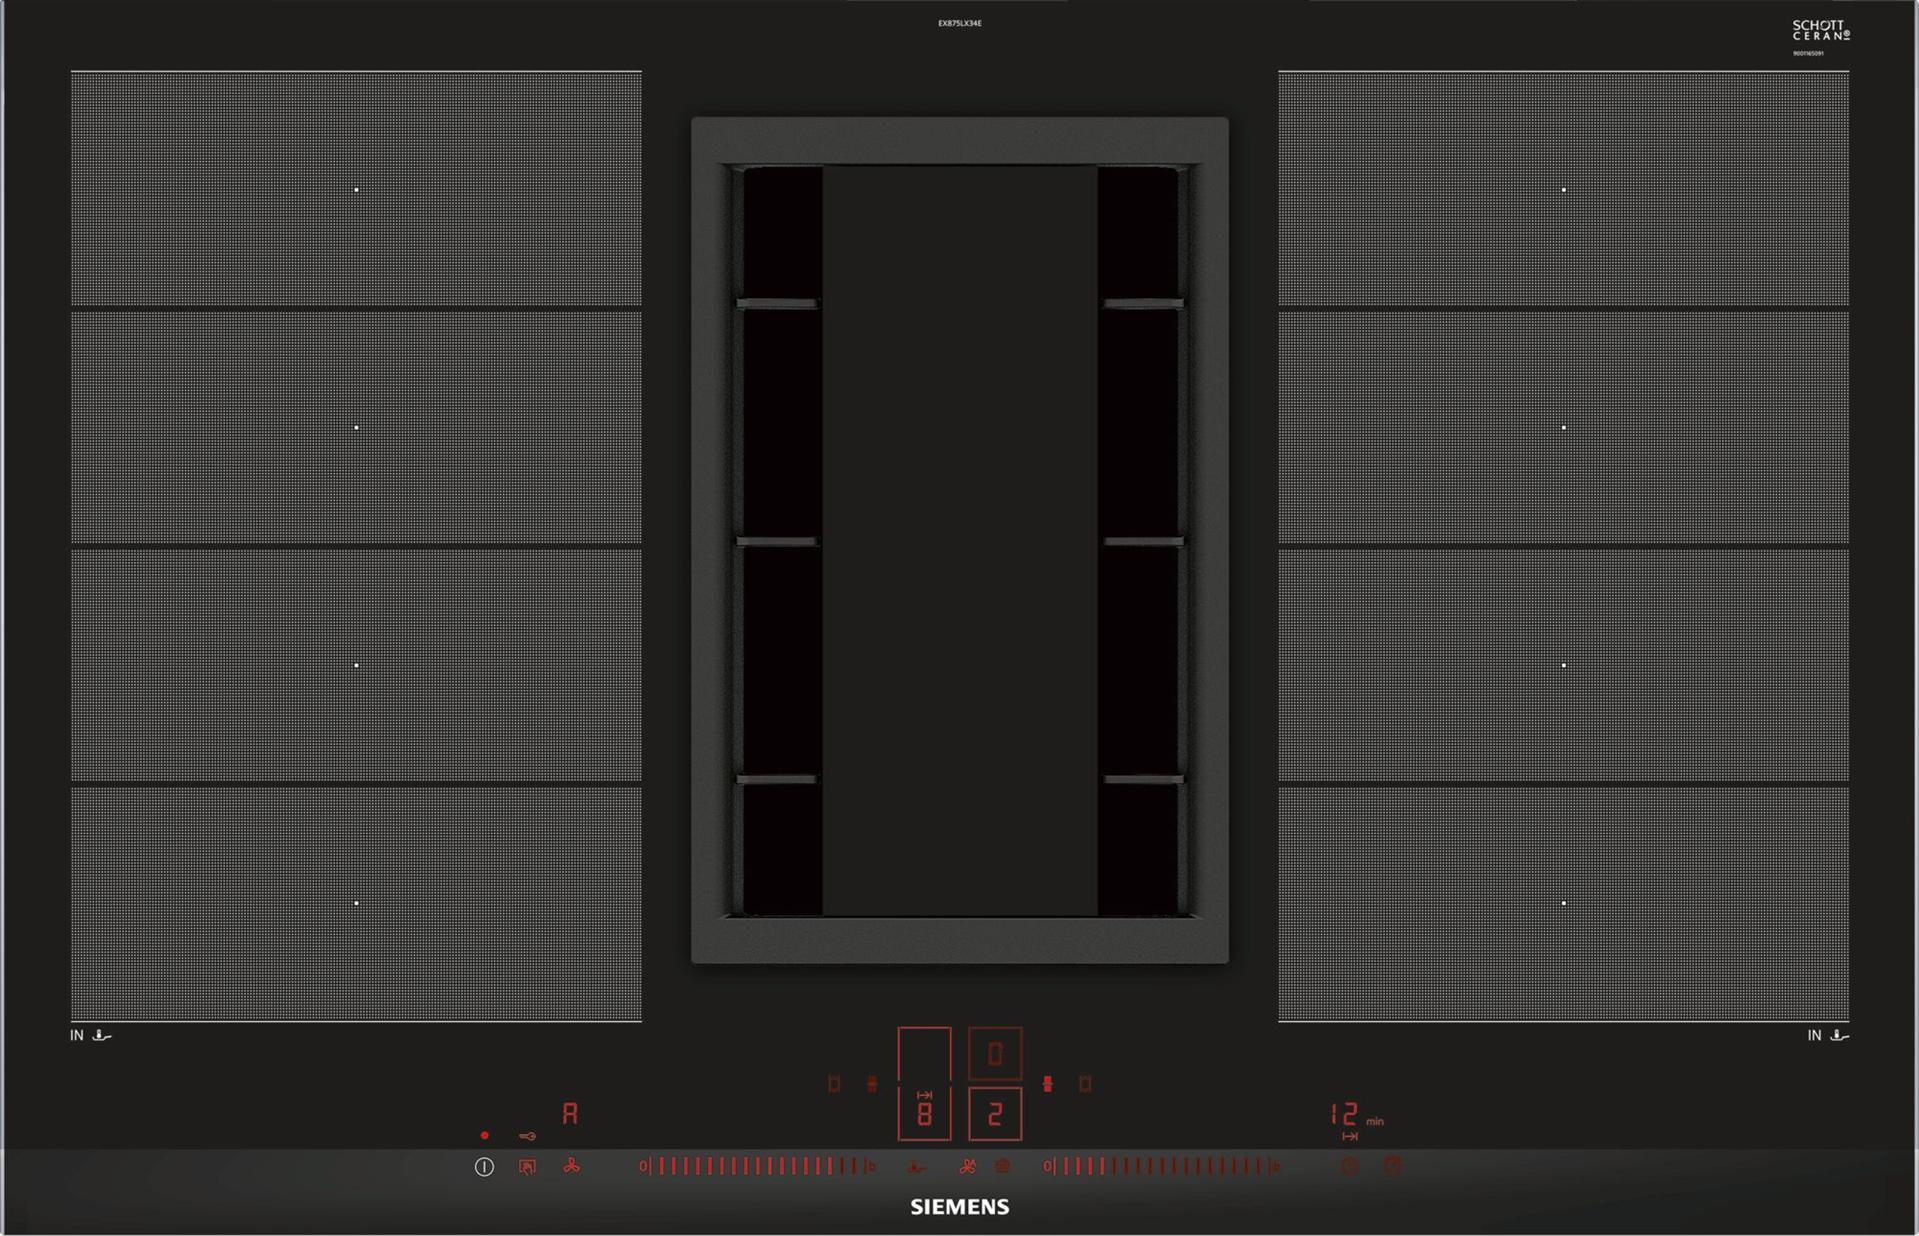 כיריים אינדוקציה משולב קולט מובנה Siemens EX875LX34E סימנס